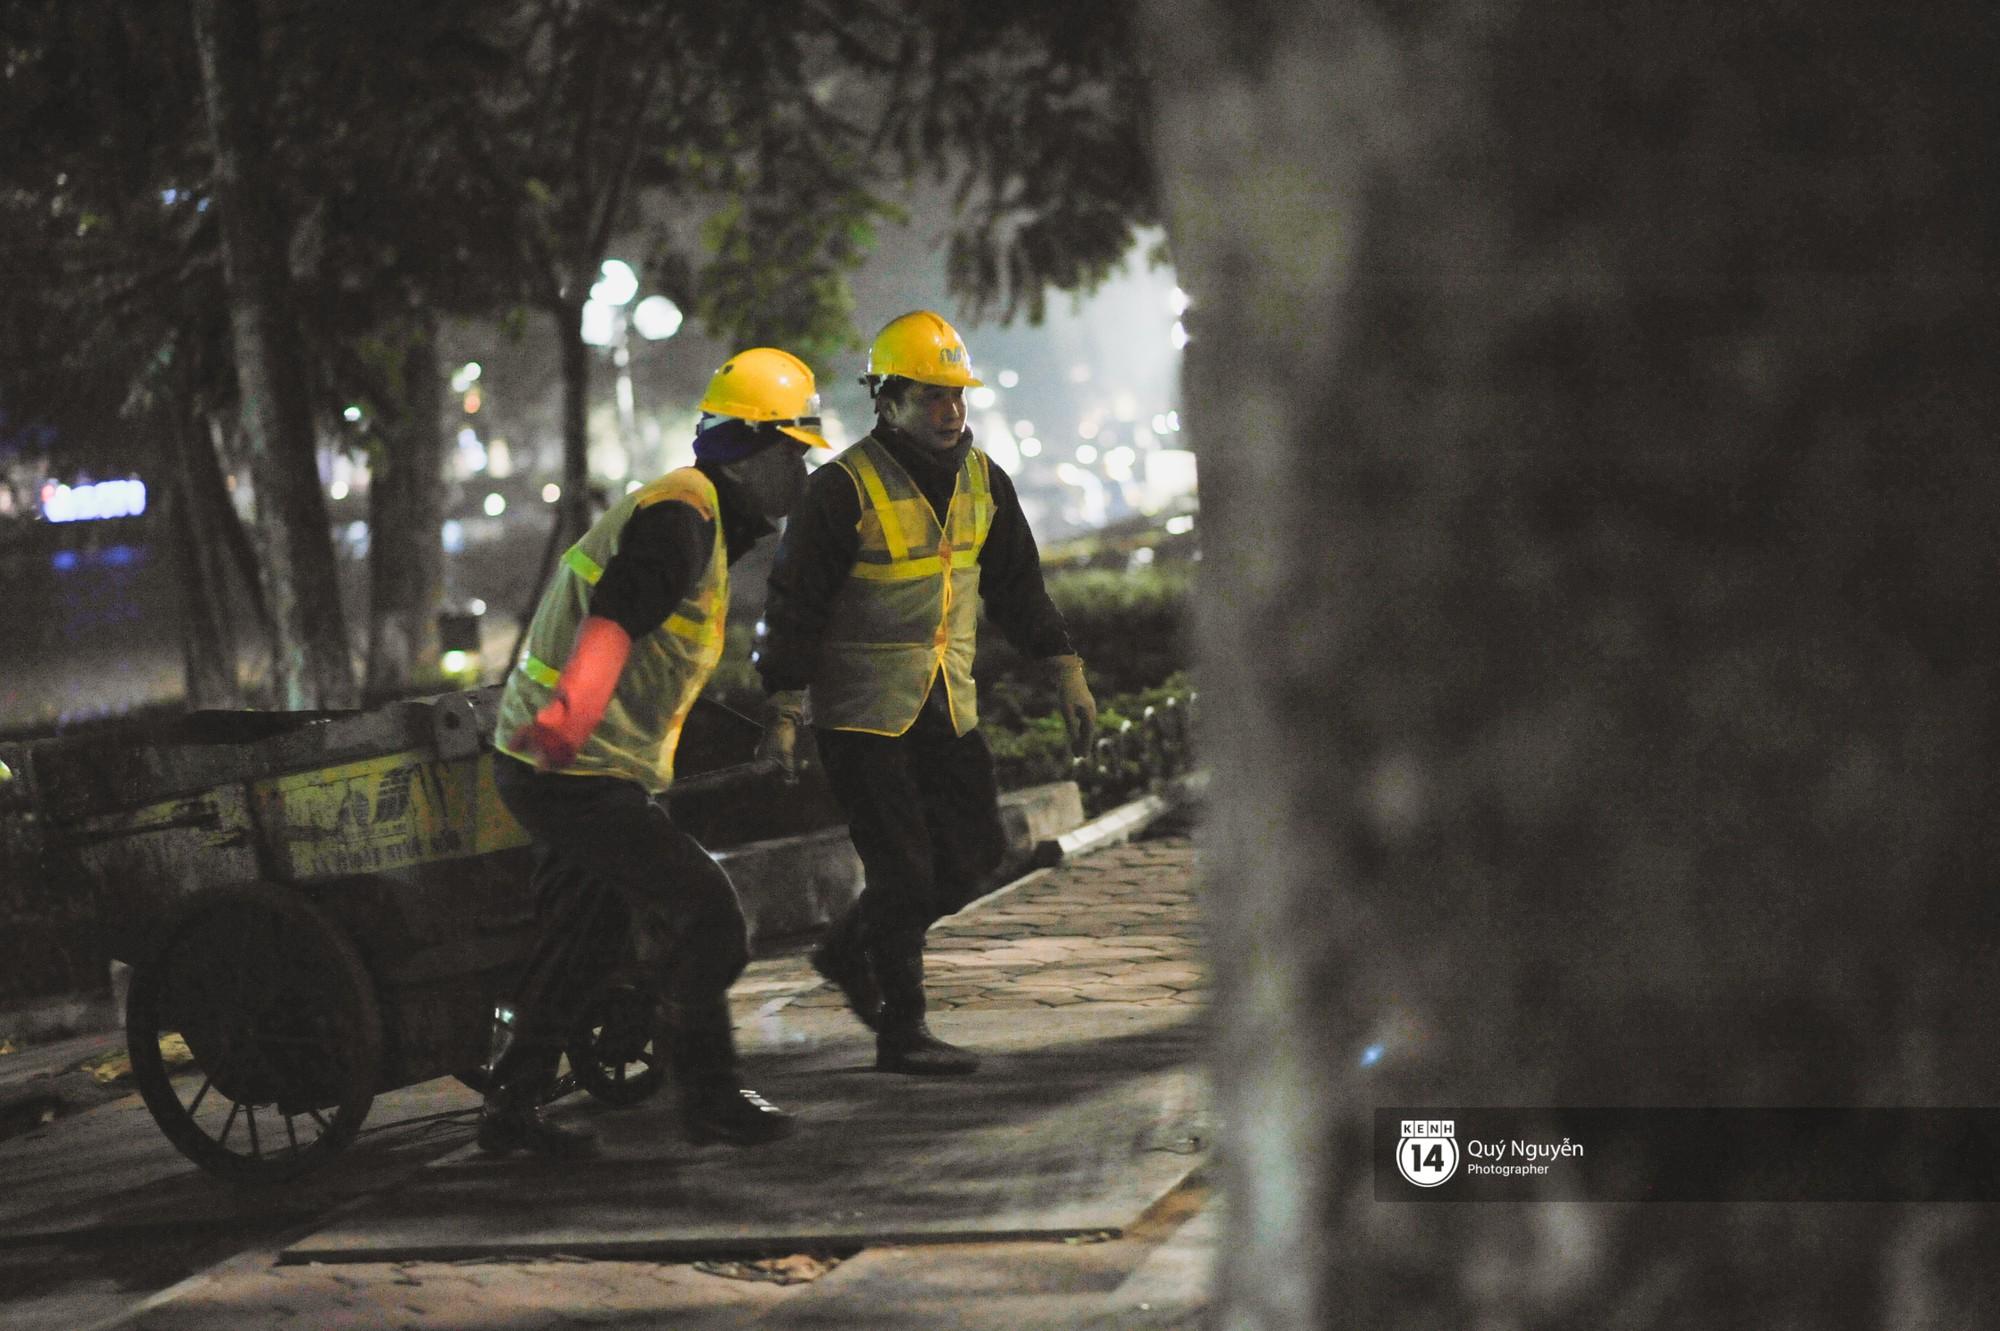 Chùm ảnh: Hà Nội giá rét 10 độ, một chiếc thùng carton hay manh áo mưa cũng khiến người lao động nghèo ấm hơn - Ảnh 25.